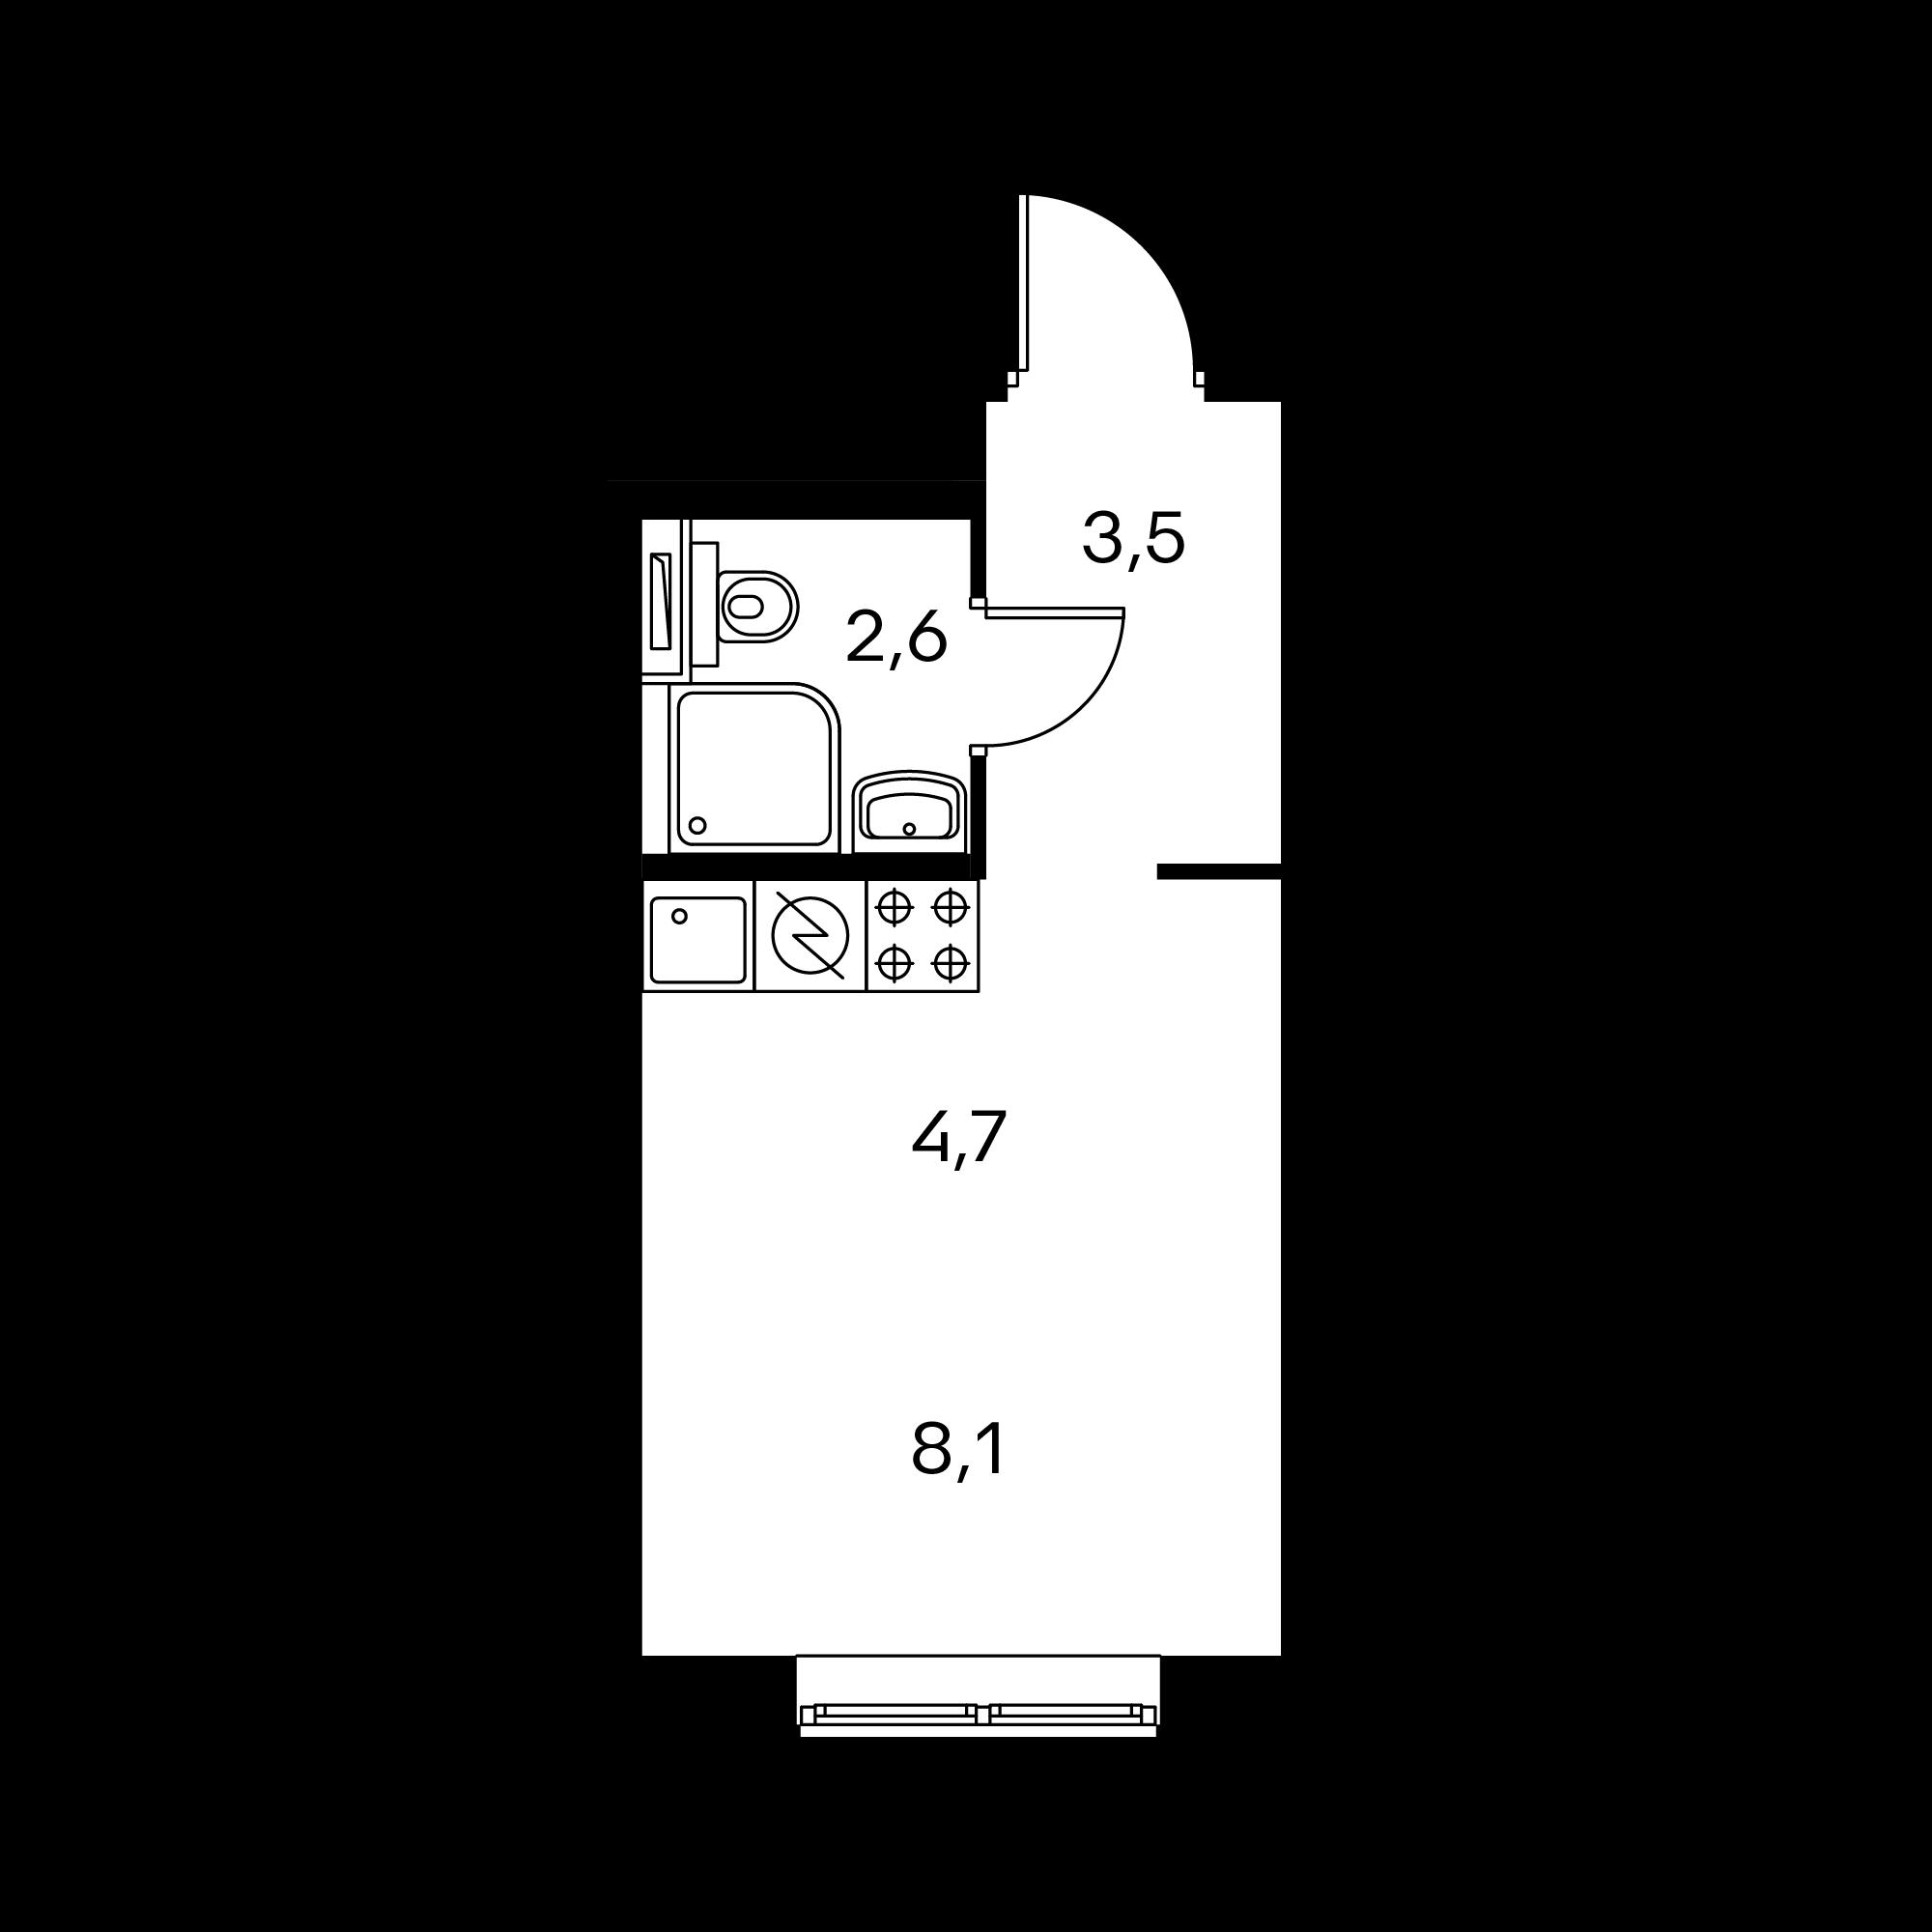 1NS2_3.45-1SA